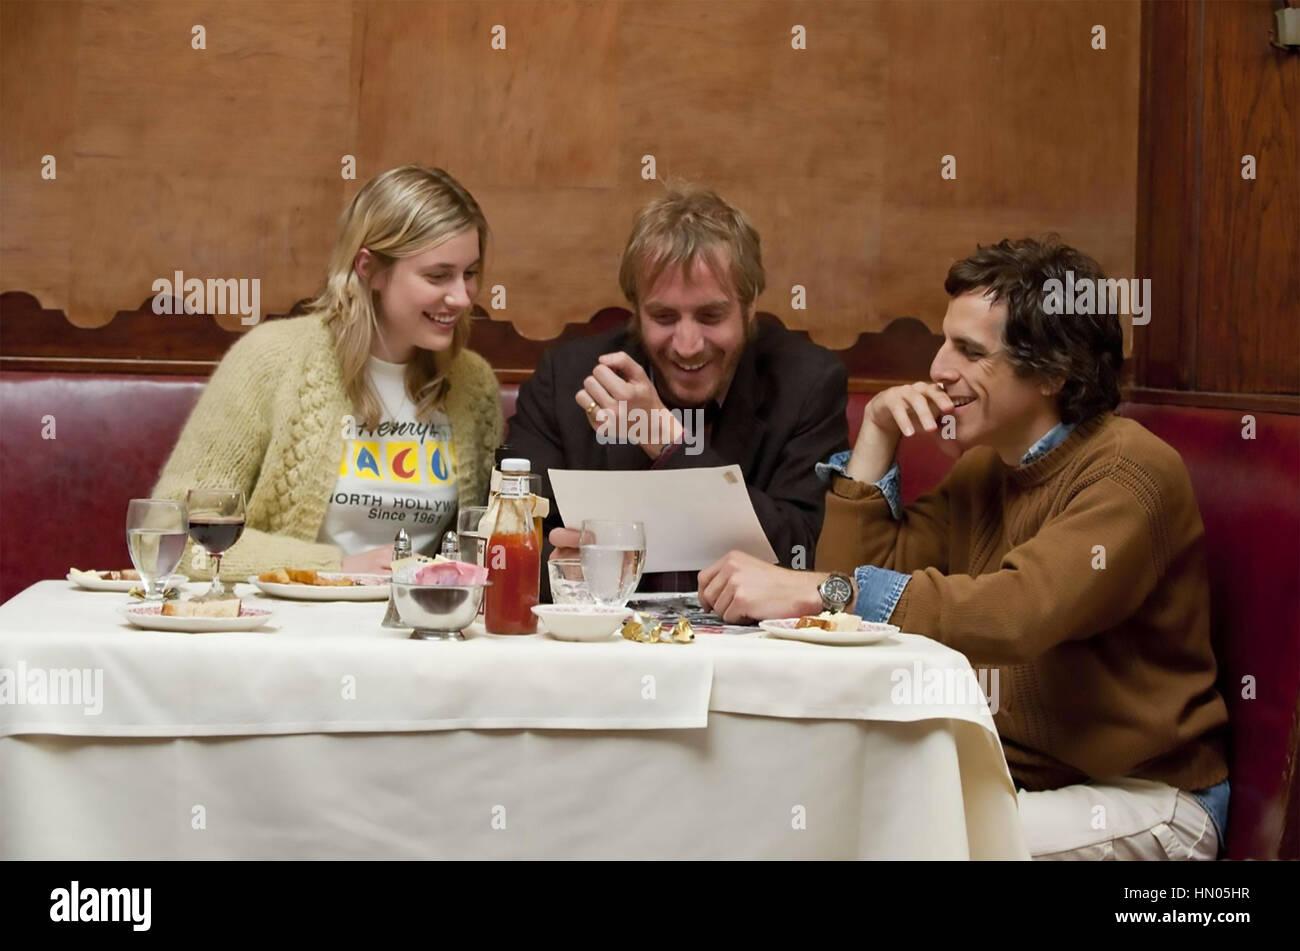 GREENBERG 2010 Scott Rudin film with from left: Greta Gerwig, Rhys Ifans, Ben Stiller - Stock Image